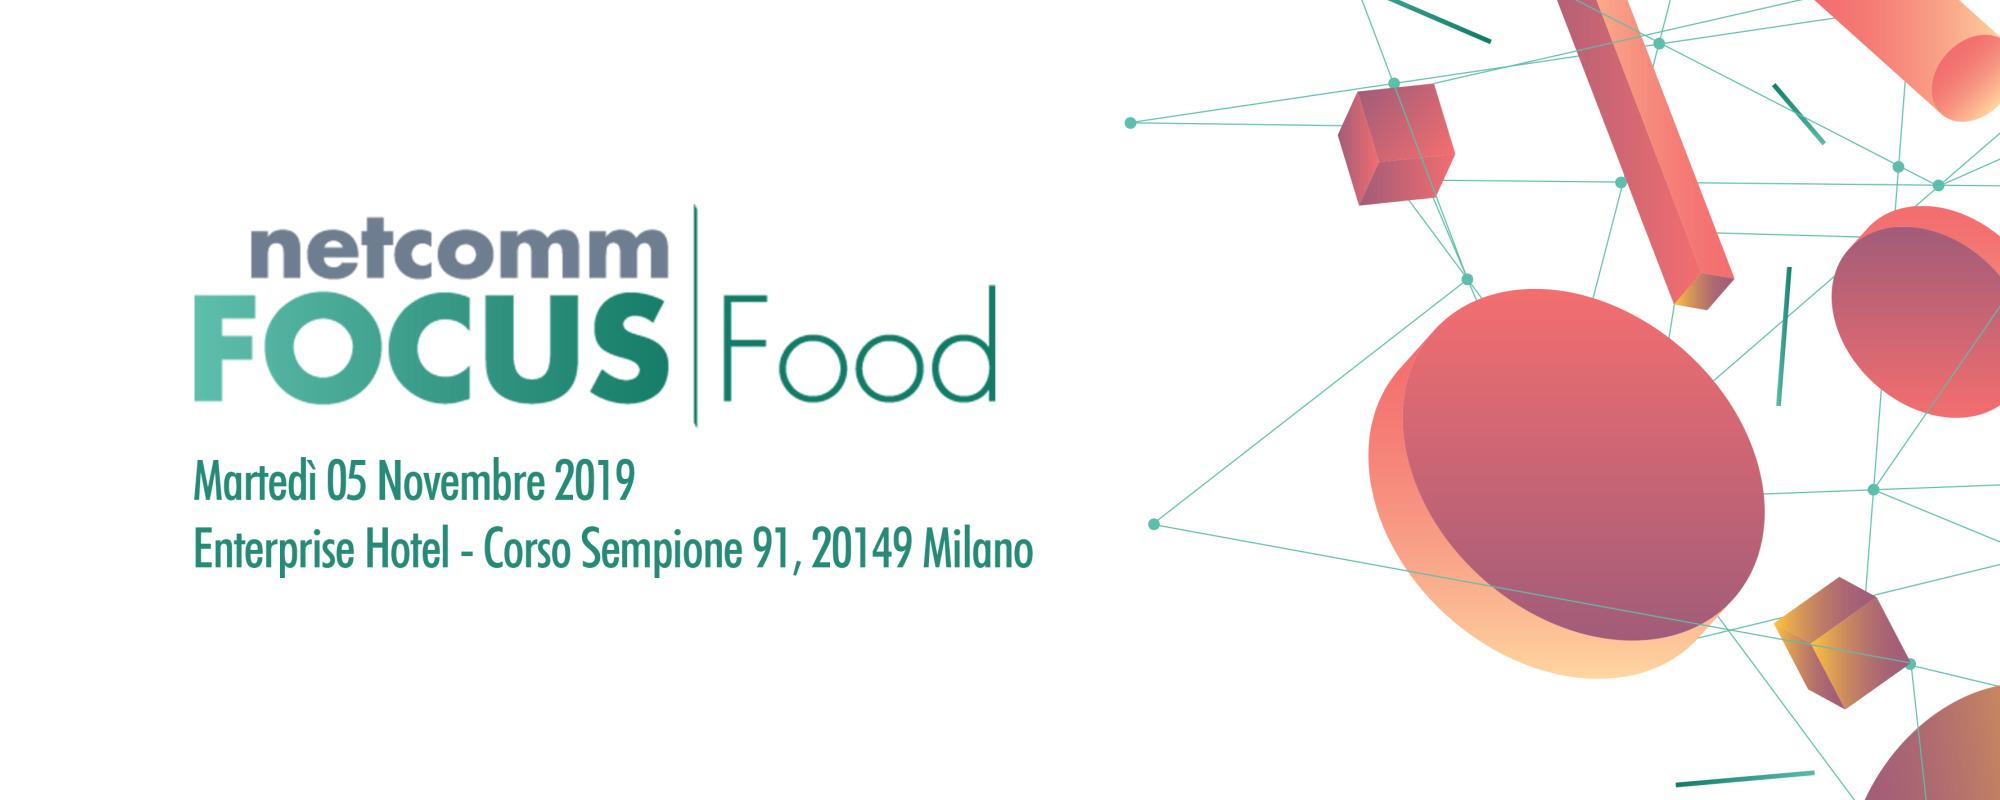 Netcomm FOCUS Food 2019